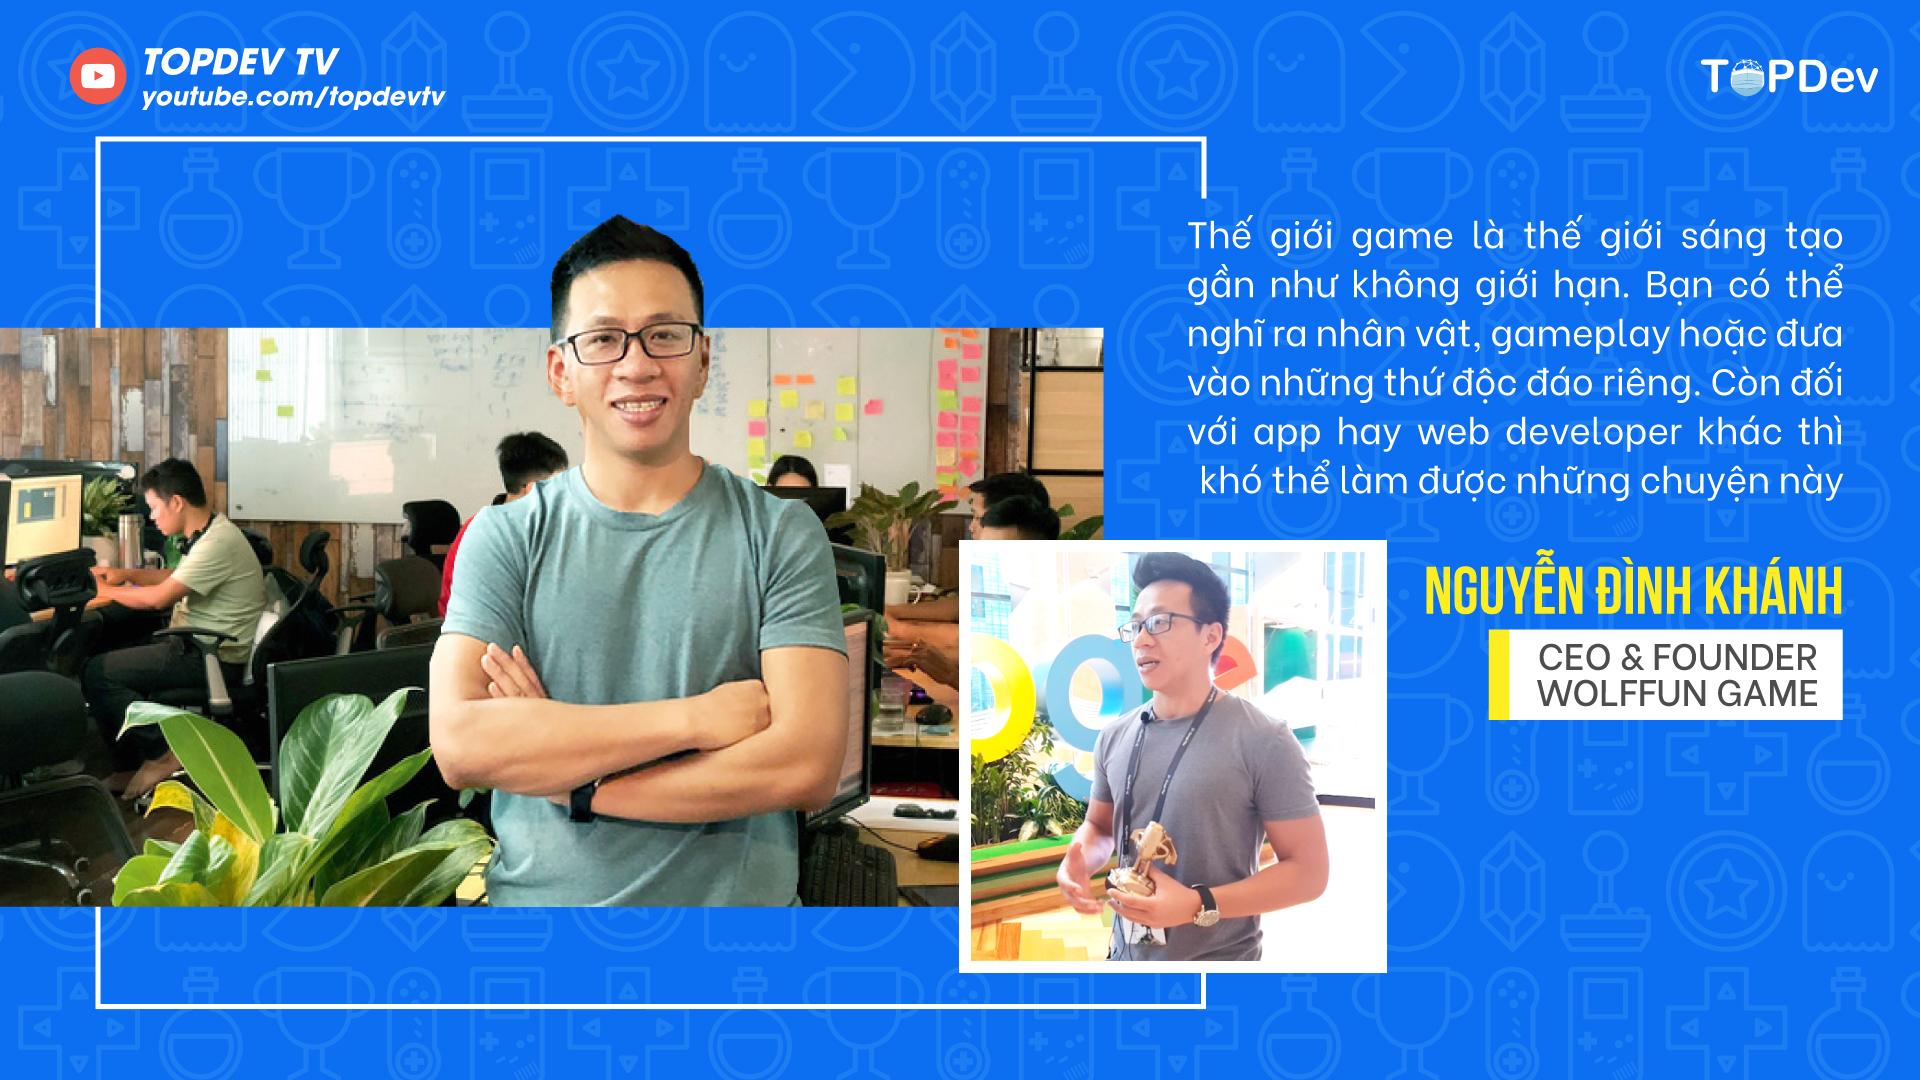 Trong thế giới lập trình game, sáng tạo là điều không giới hạn - CEO của WOLFFUN GAME, Nguyễn Đình Khánh